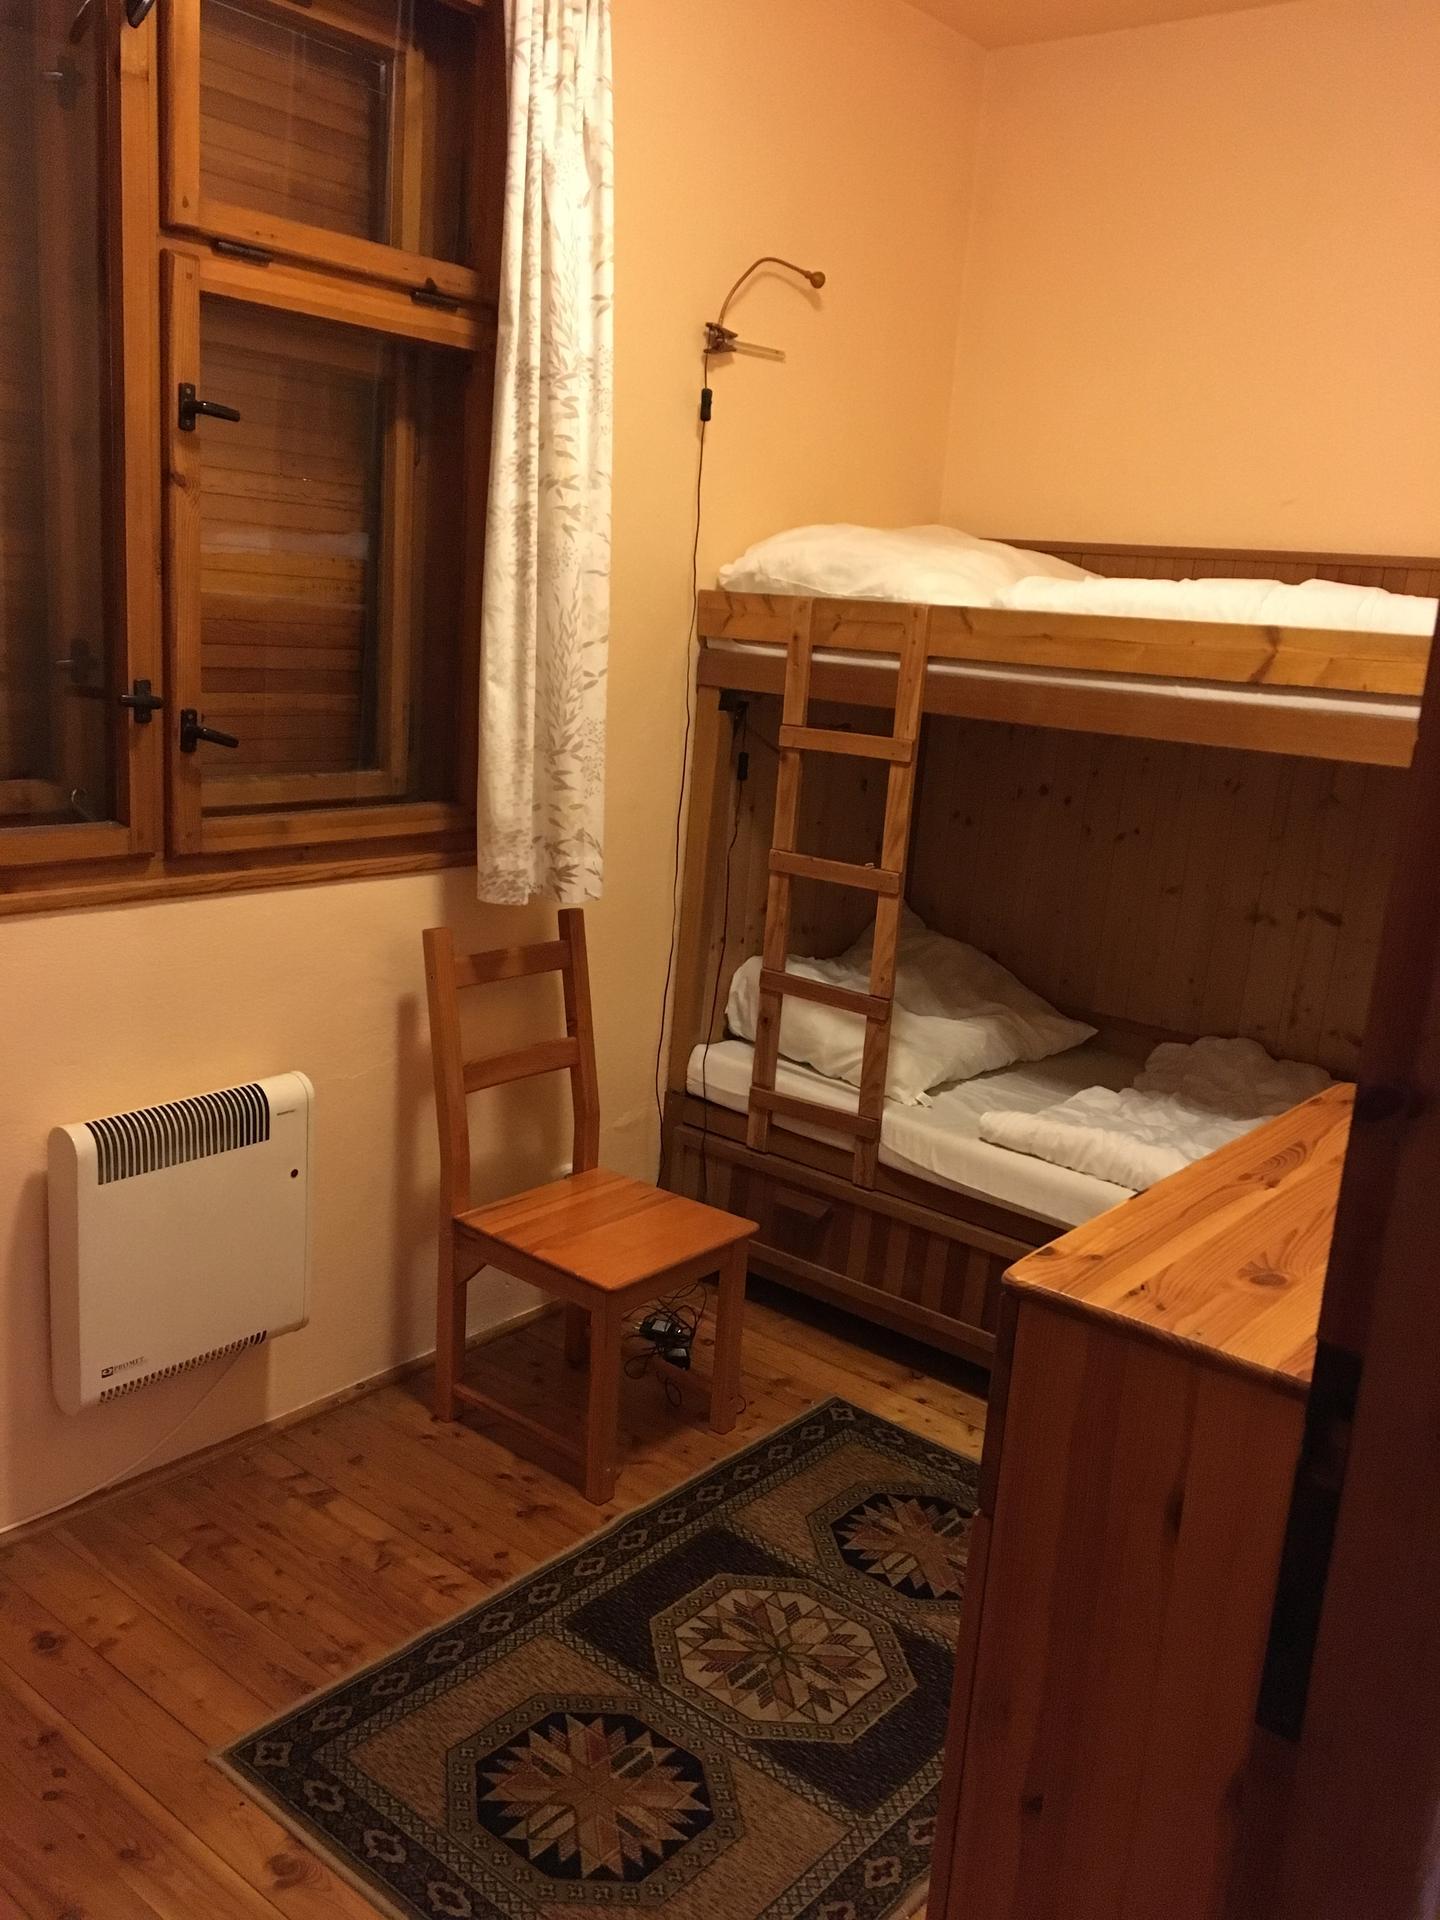 Tam, kde to milujem 🧡 - Pôvodný stav detská izba